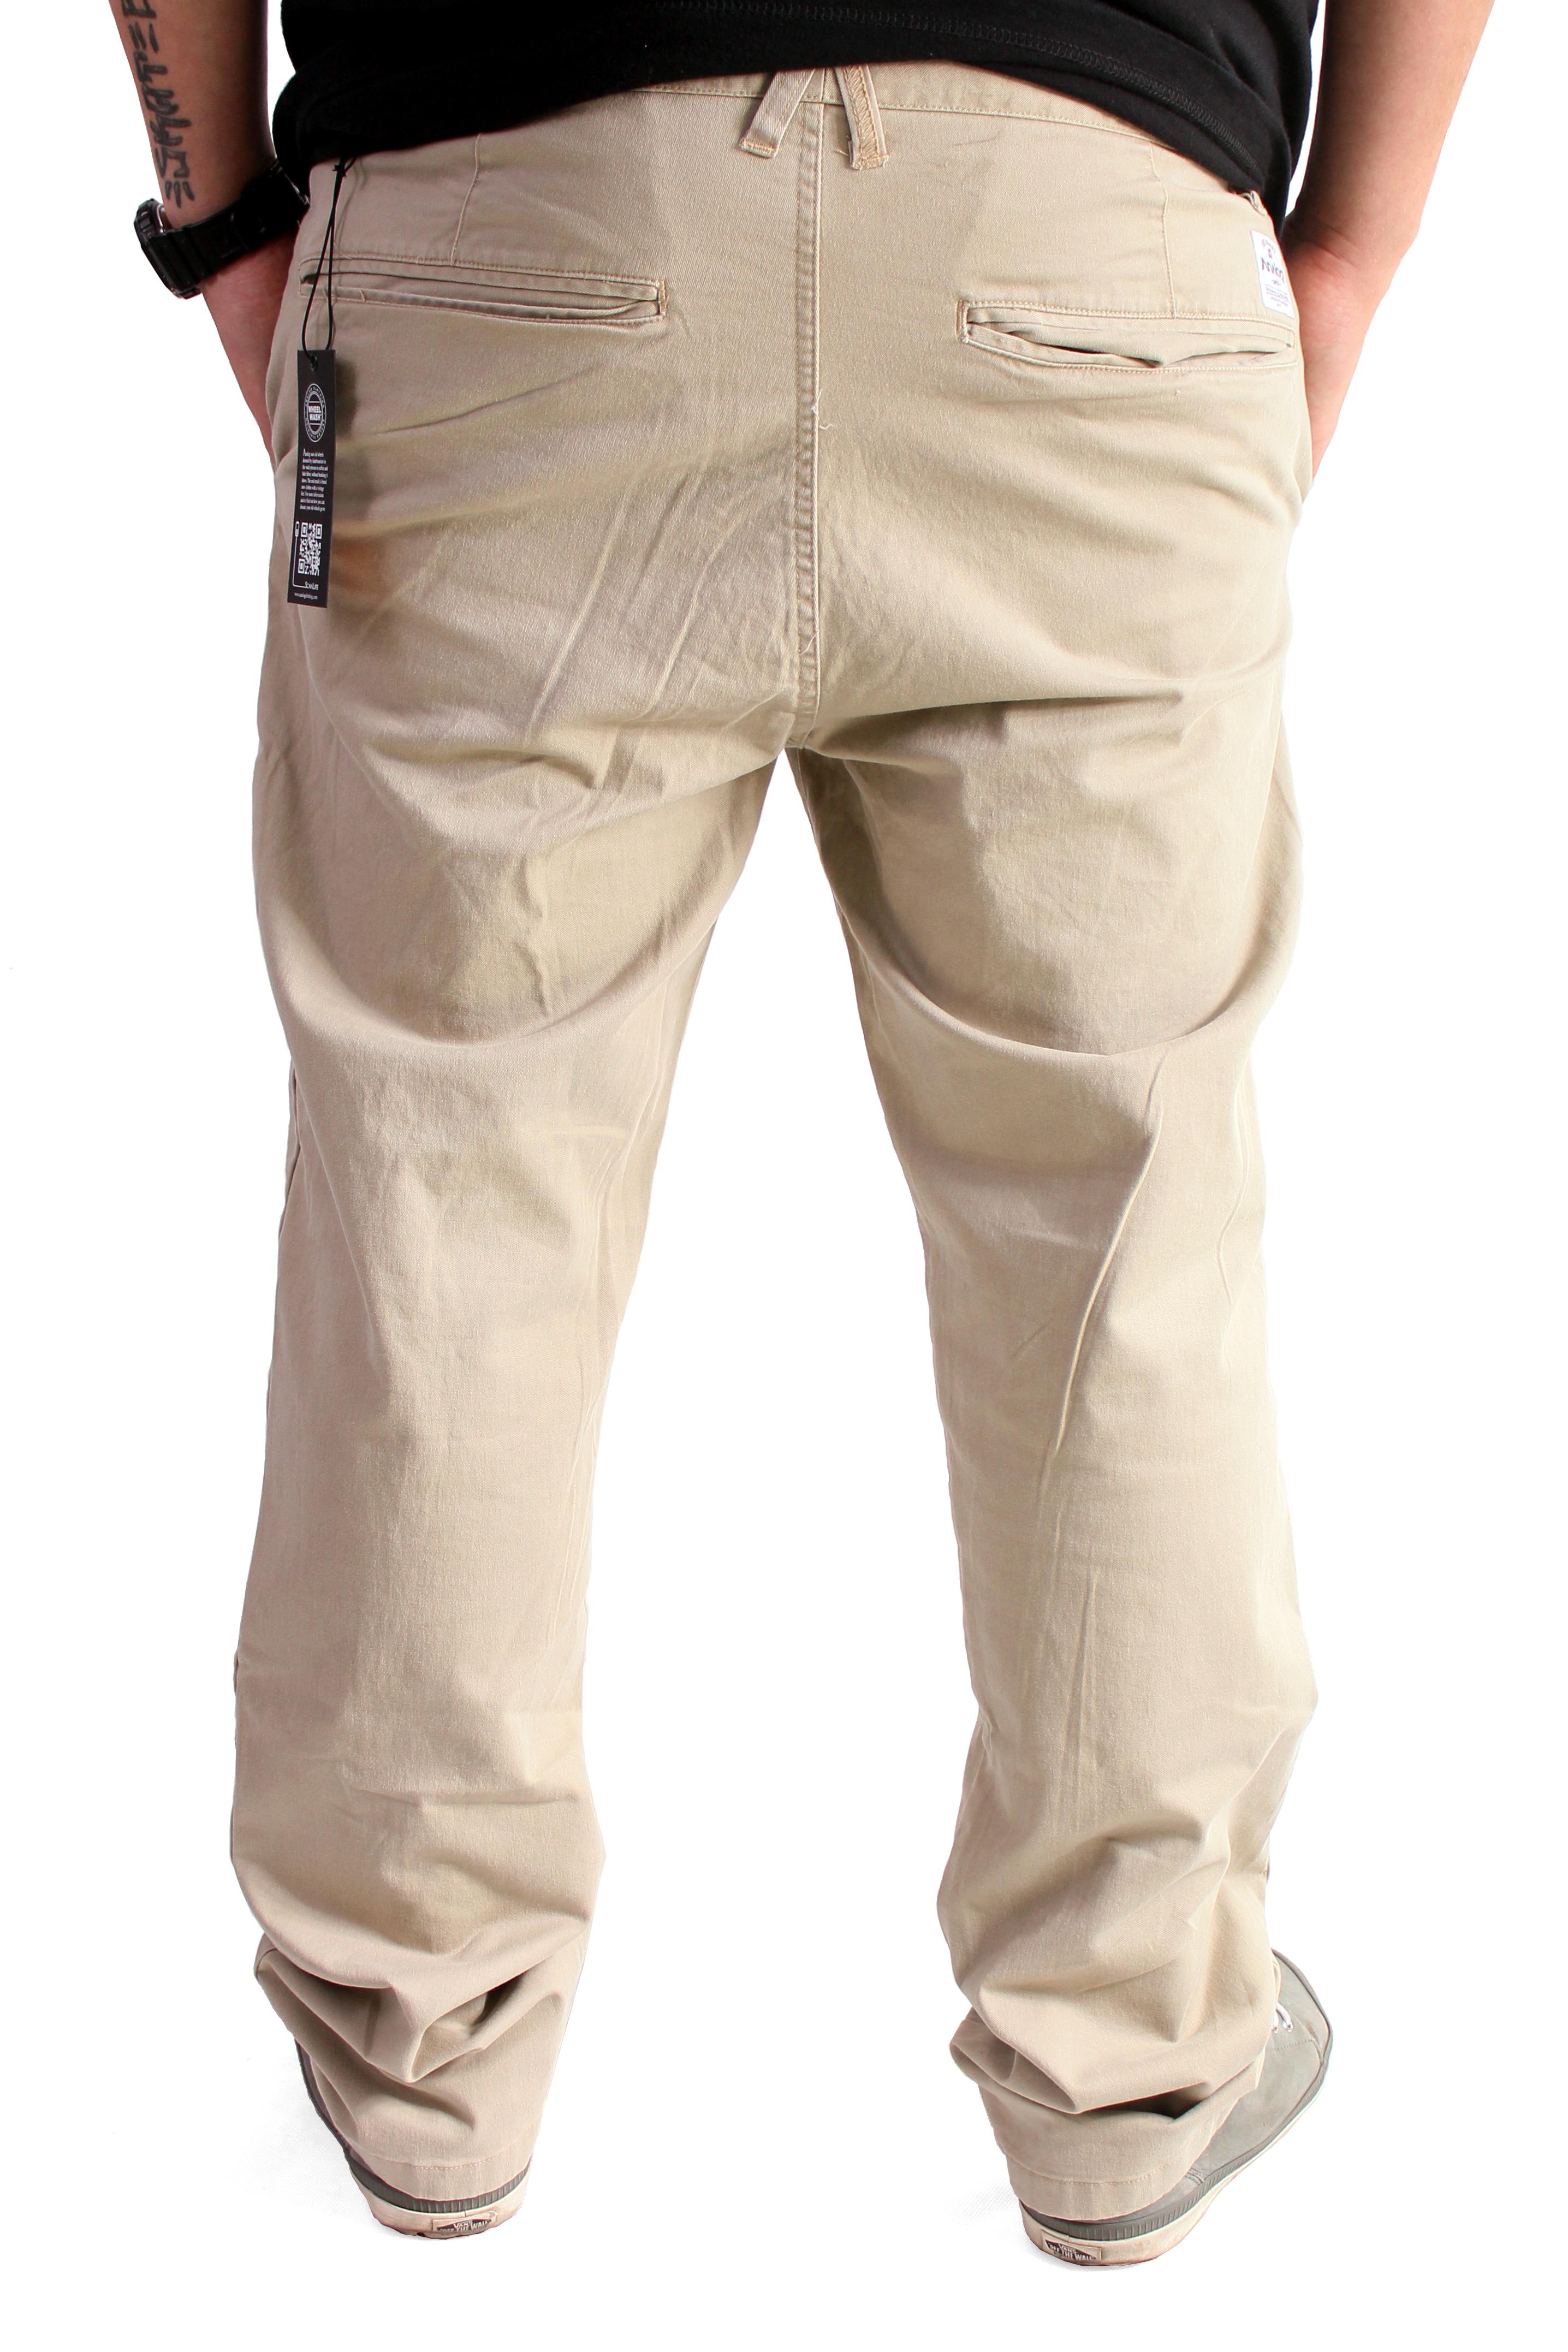 Spodnie Analog Chino (Khaki)